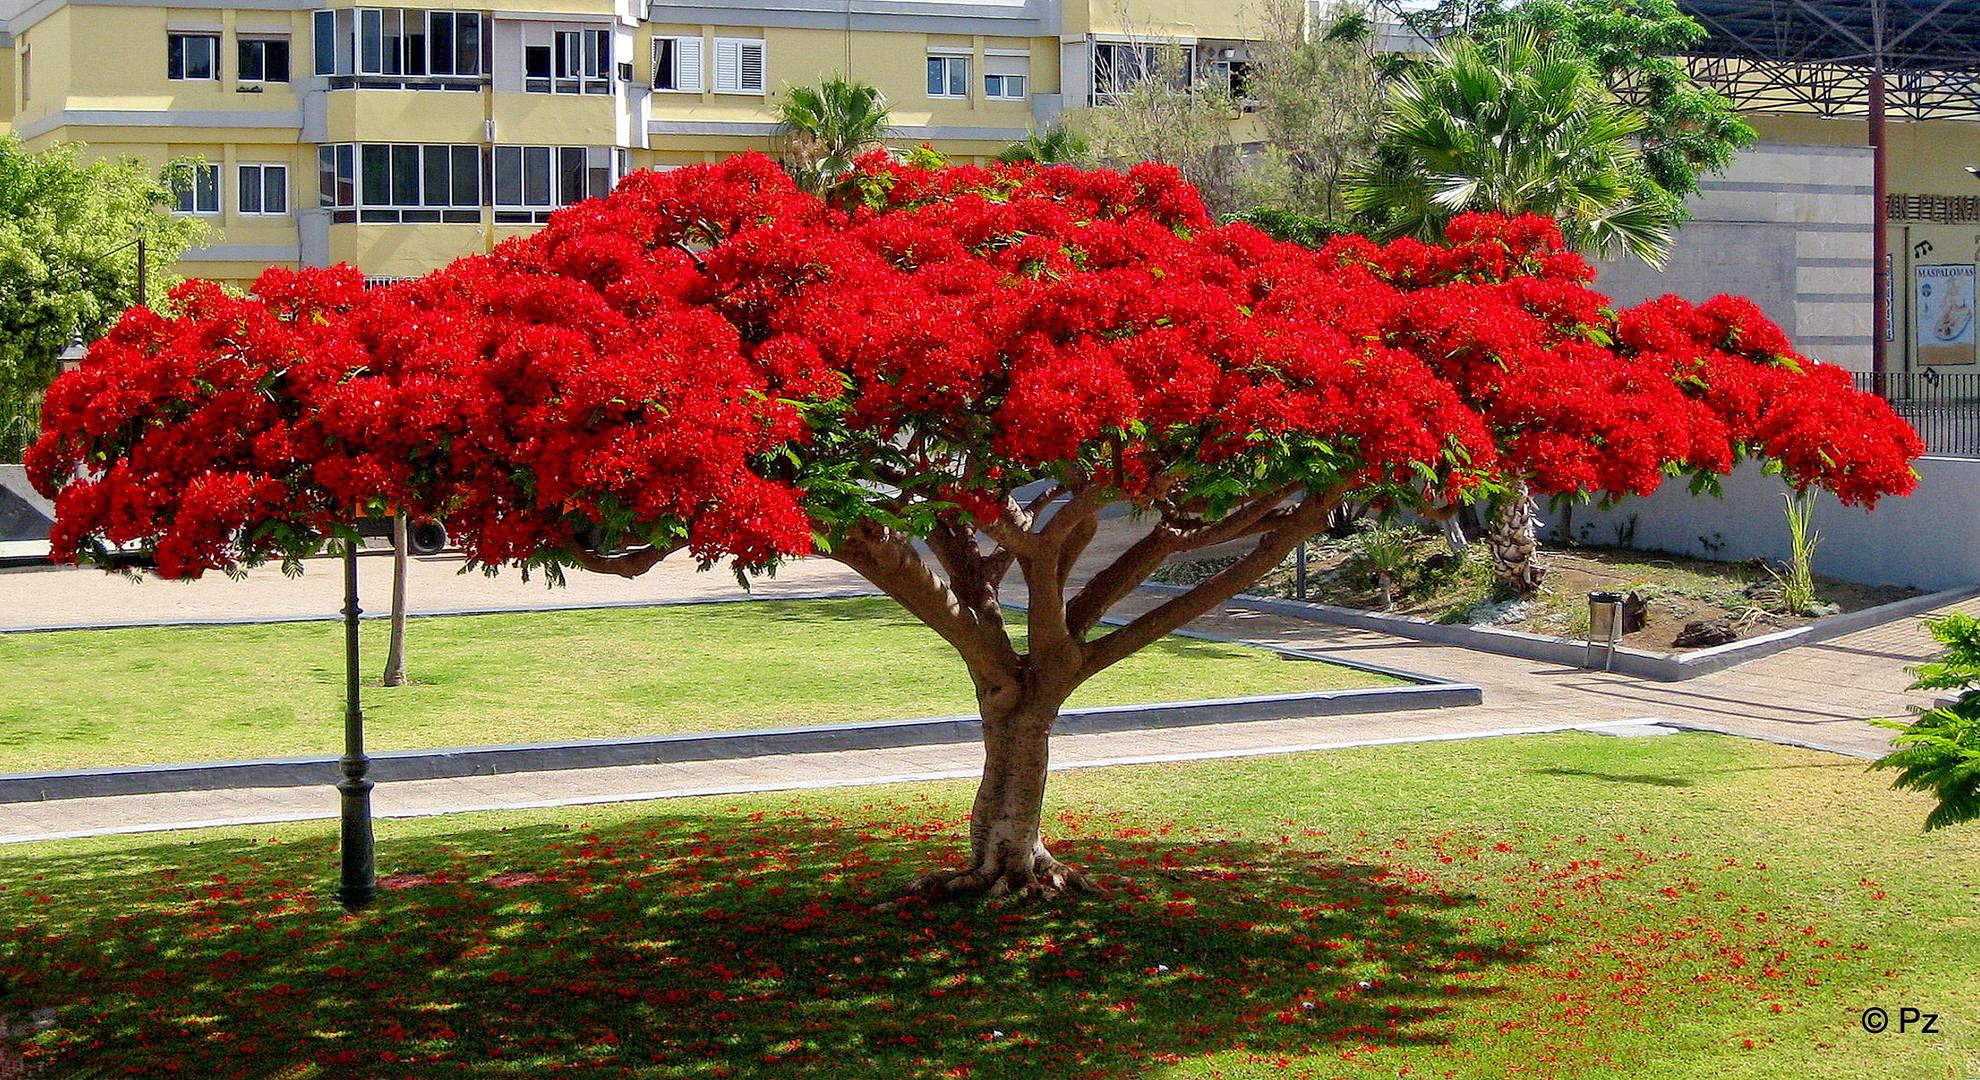 Der Flammenbaum (Flamboyant) in voller Schönheit ...